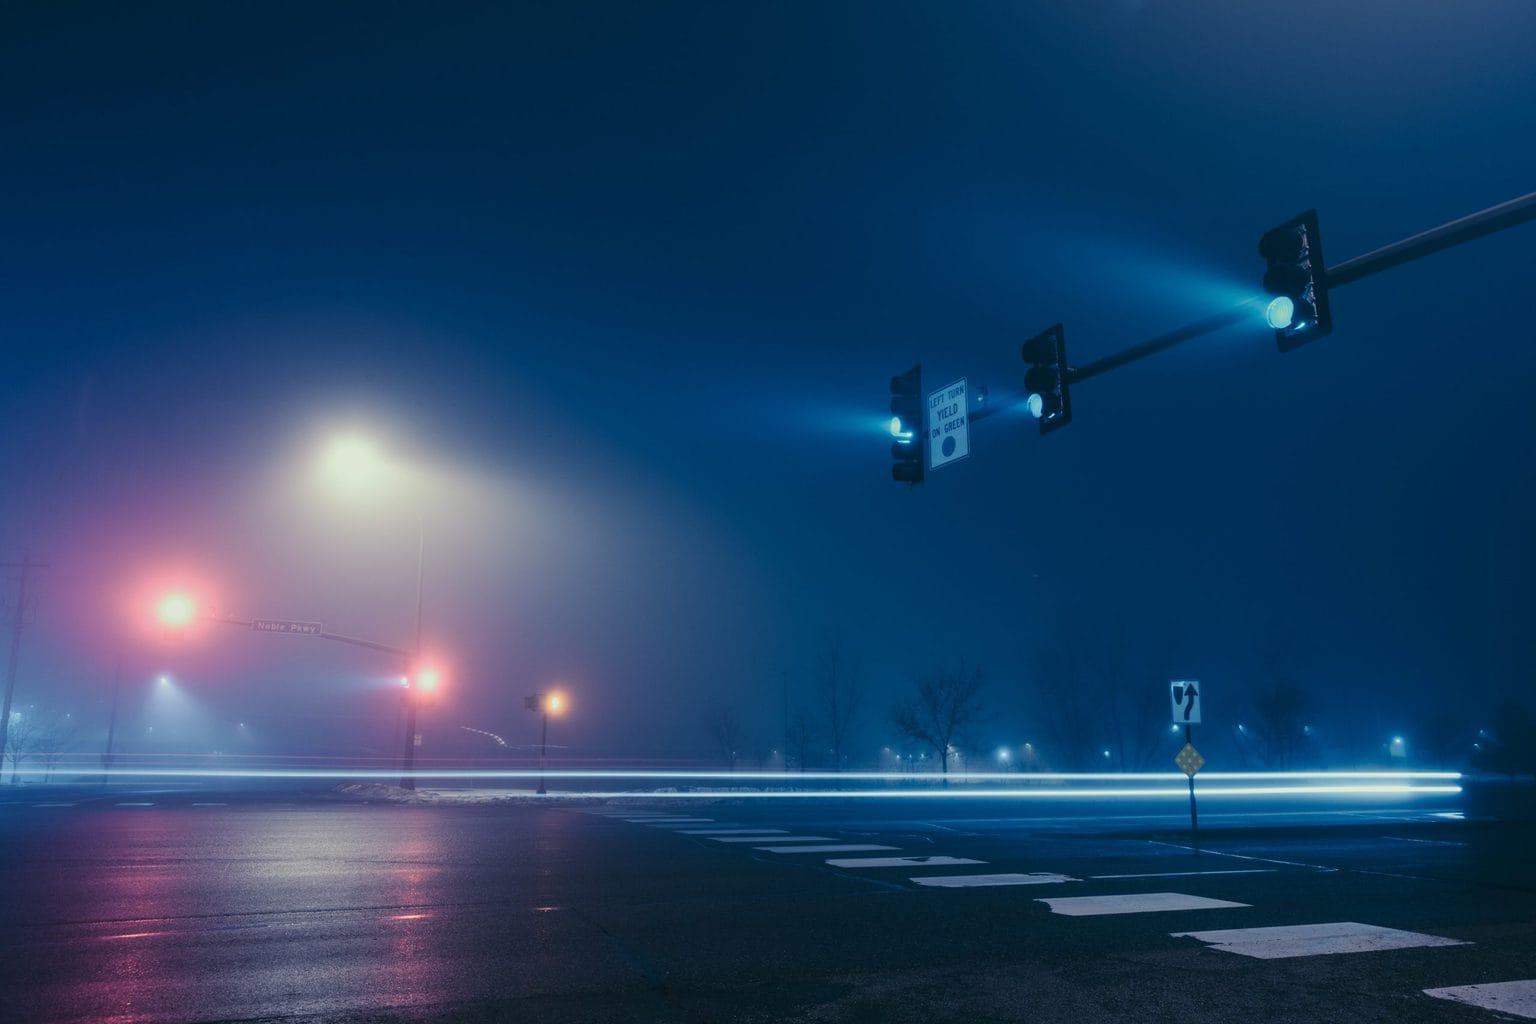 Semáforos en una noche fría